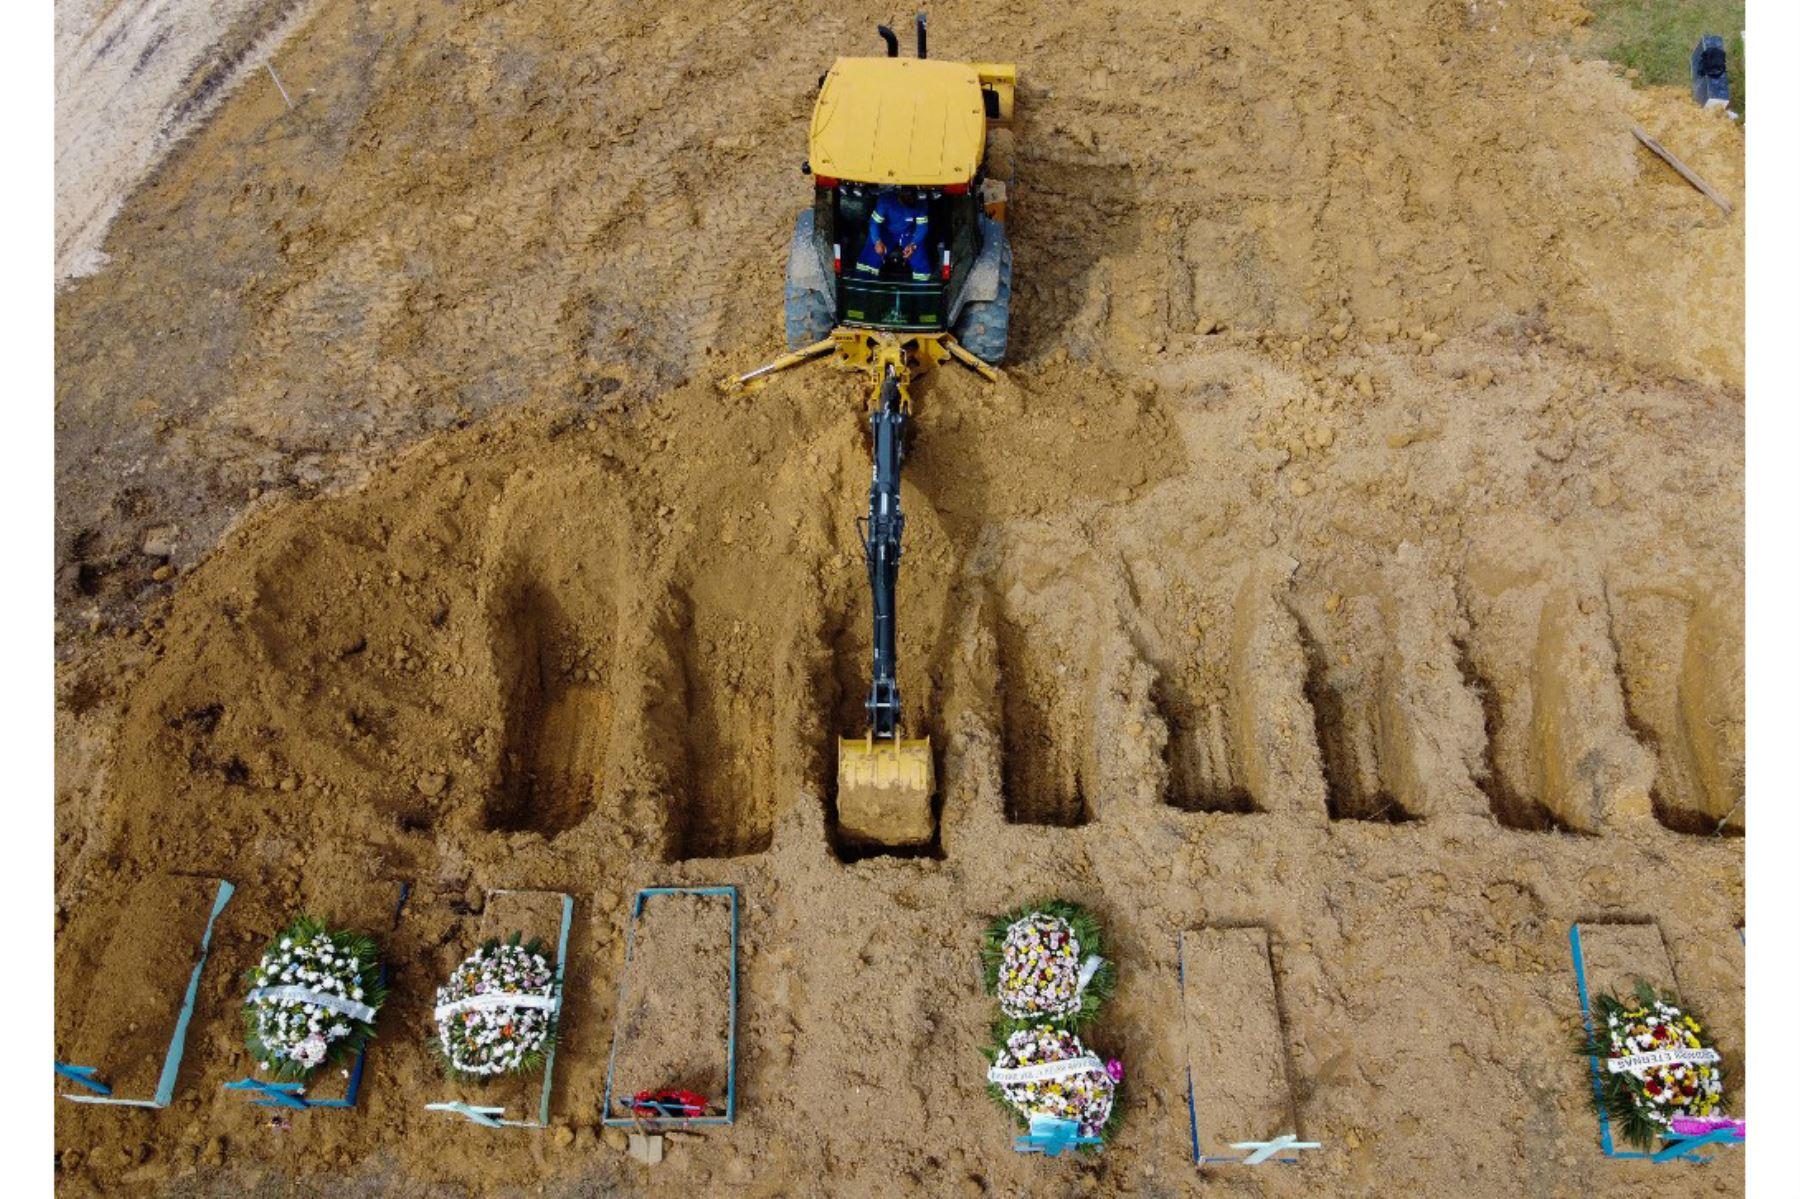 Esta foto de archivo tomada el 8 de enero de 2021 muestra una vista aérea de un tractor cavando tumbas en una nueva área del cementerio Nossa Senhora Aparecida reservada para las víctimas del covid-19, en Manaus, Brasil. Foto: AFP